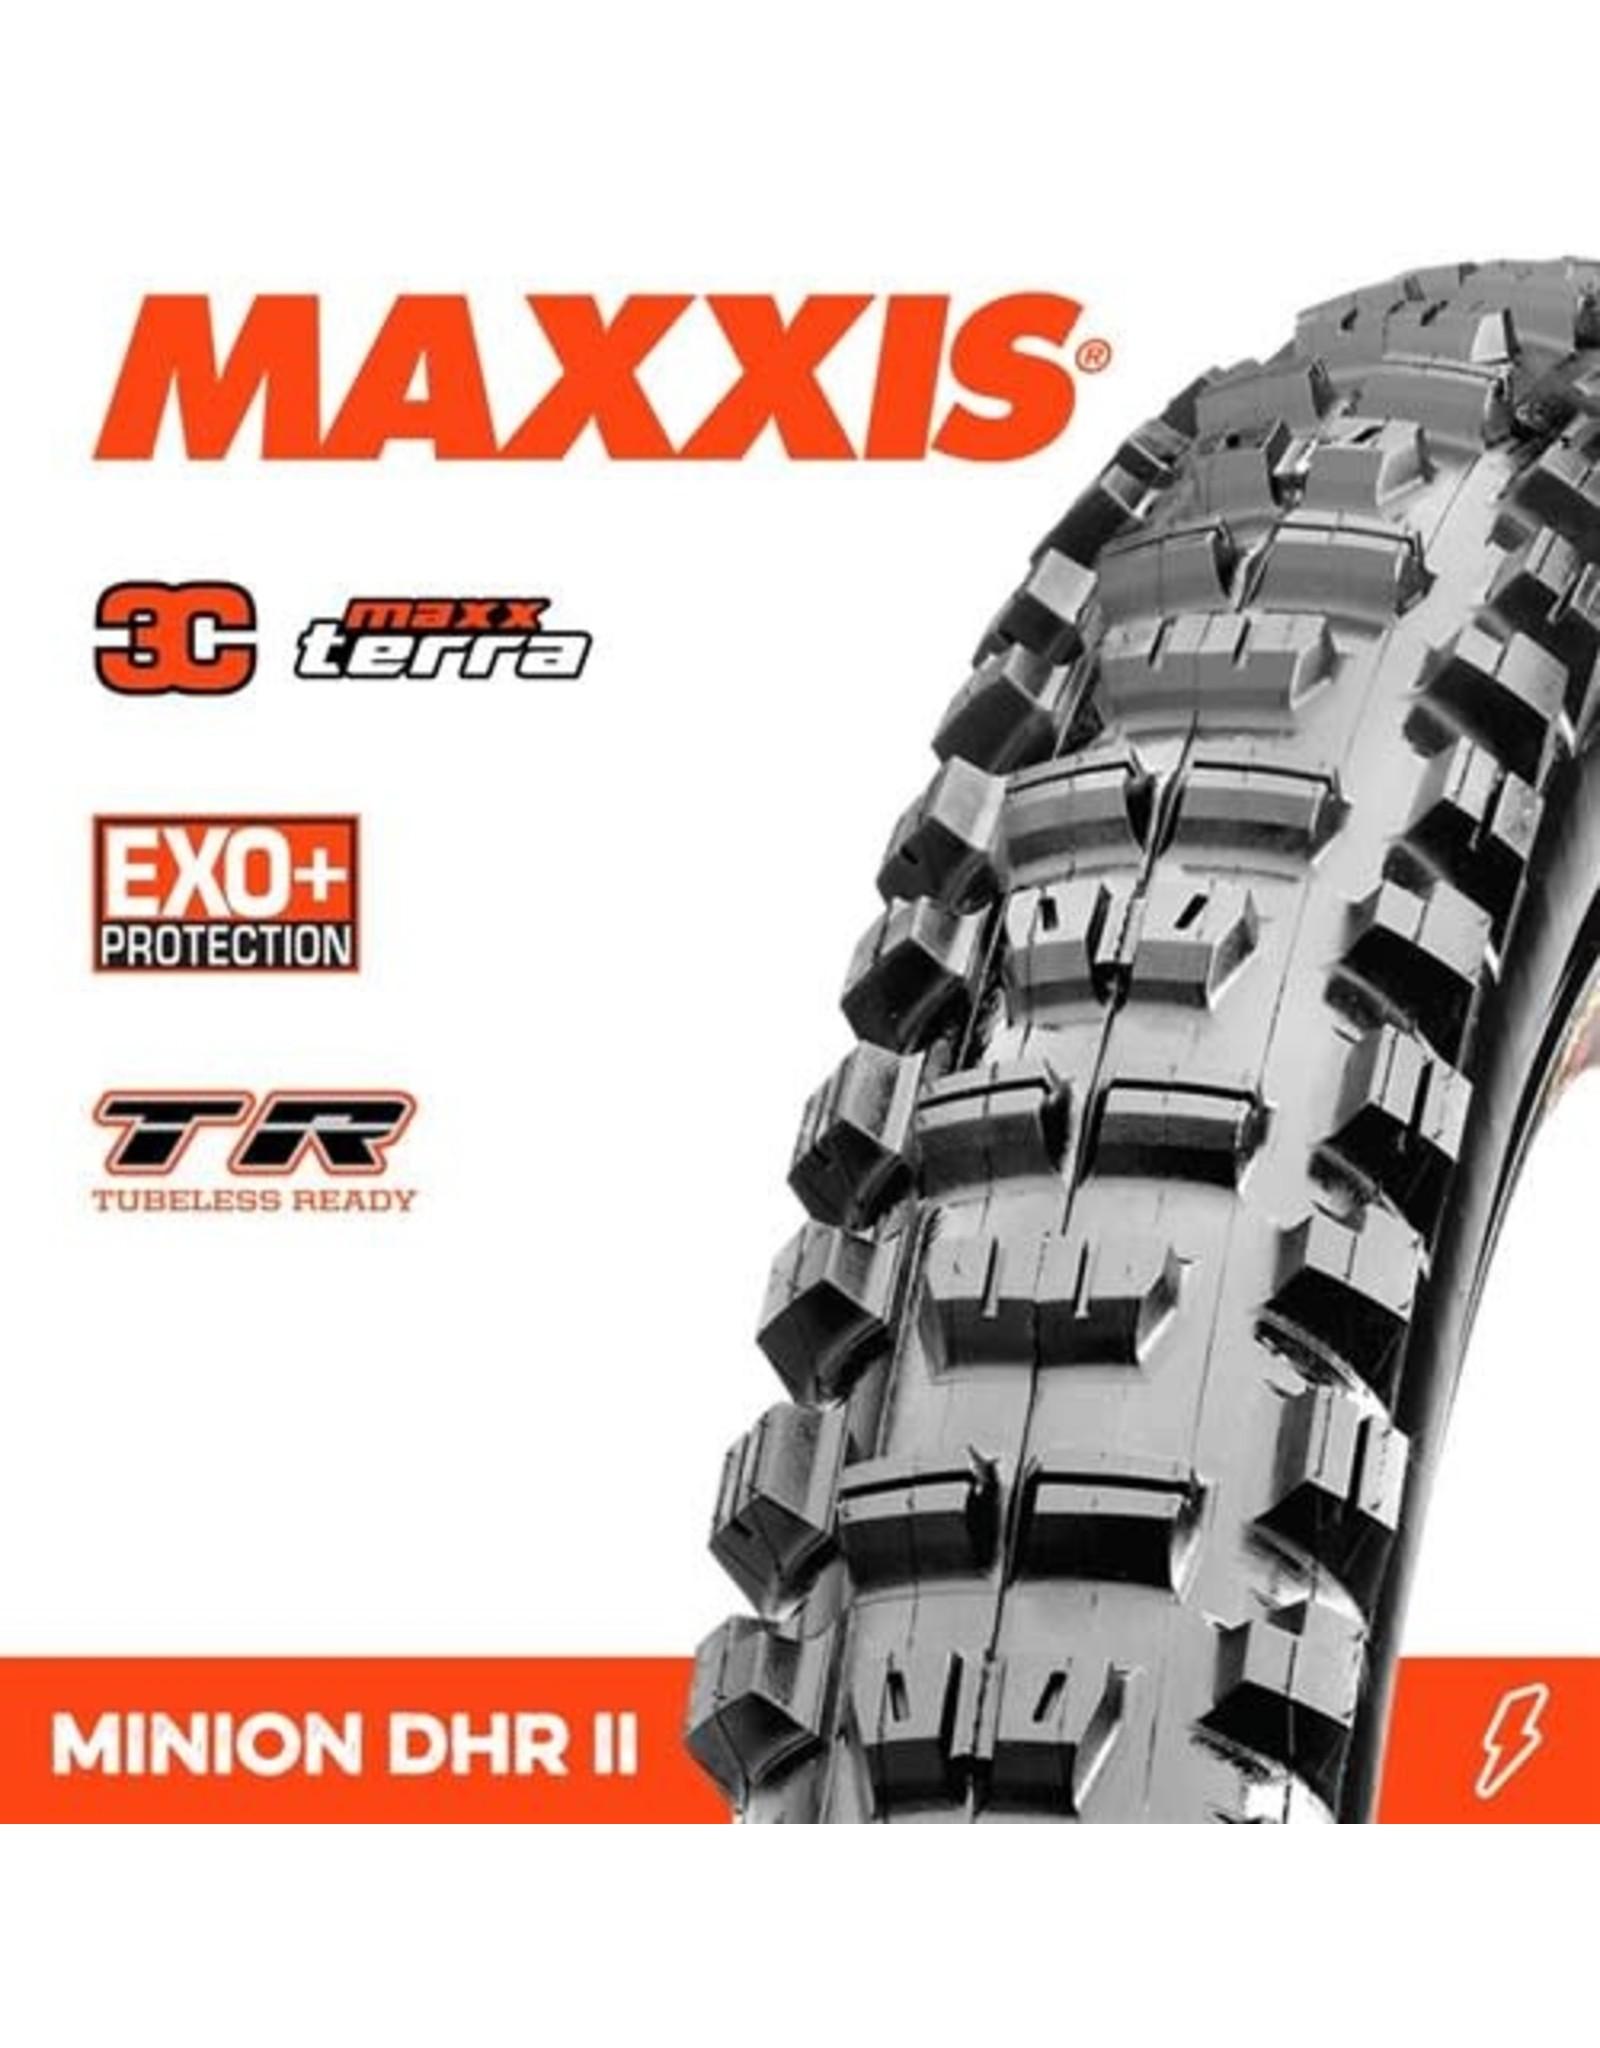 """MAXXIS MAXXIS MINION DHR II 29 X 2.60"""" TR 3C MAXX TERRA EXO+ FOLD 120TPI TYRE"""